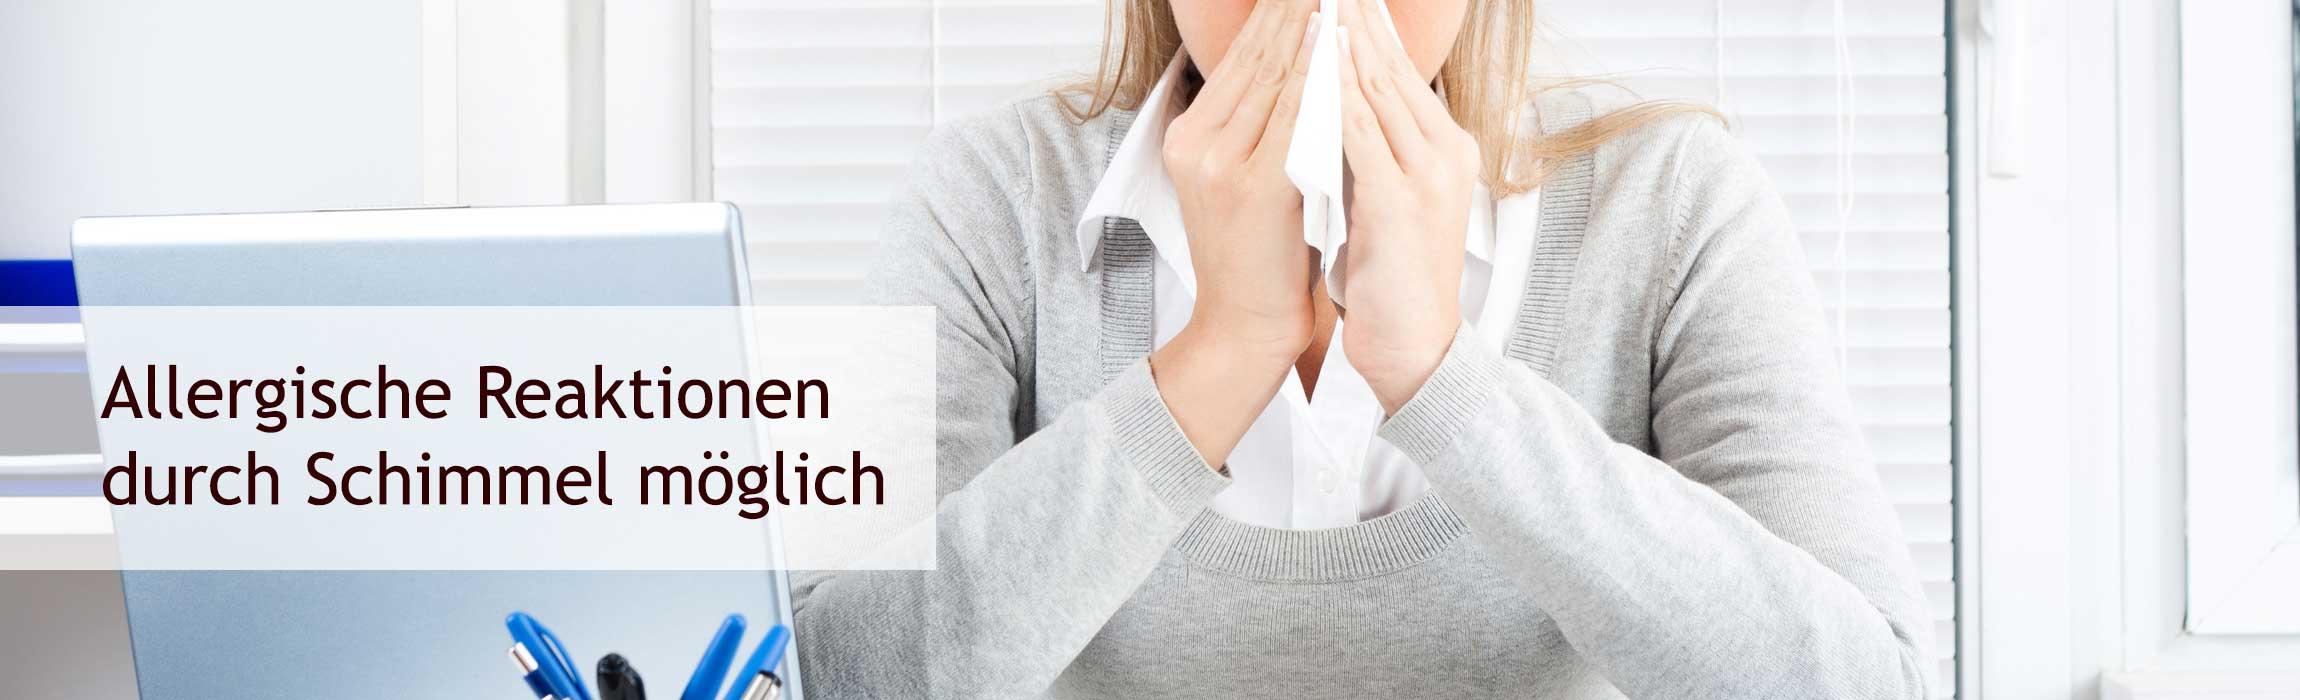 Allergische Reaktionen durch Schimmel möglich